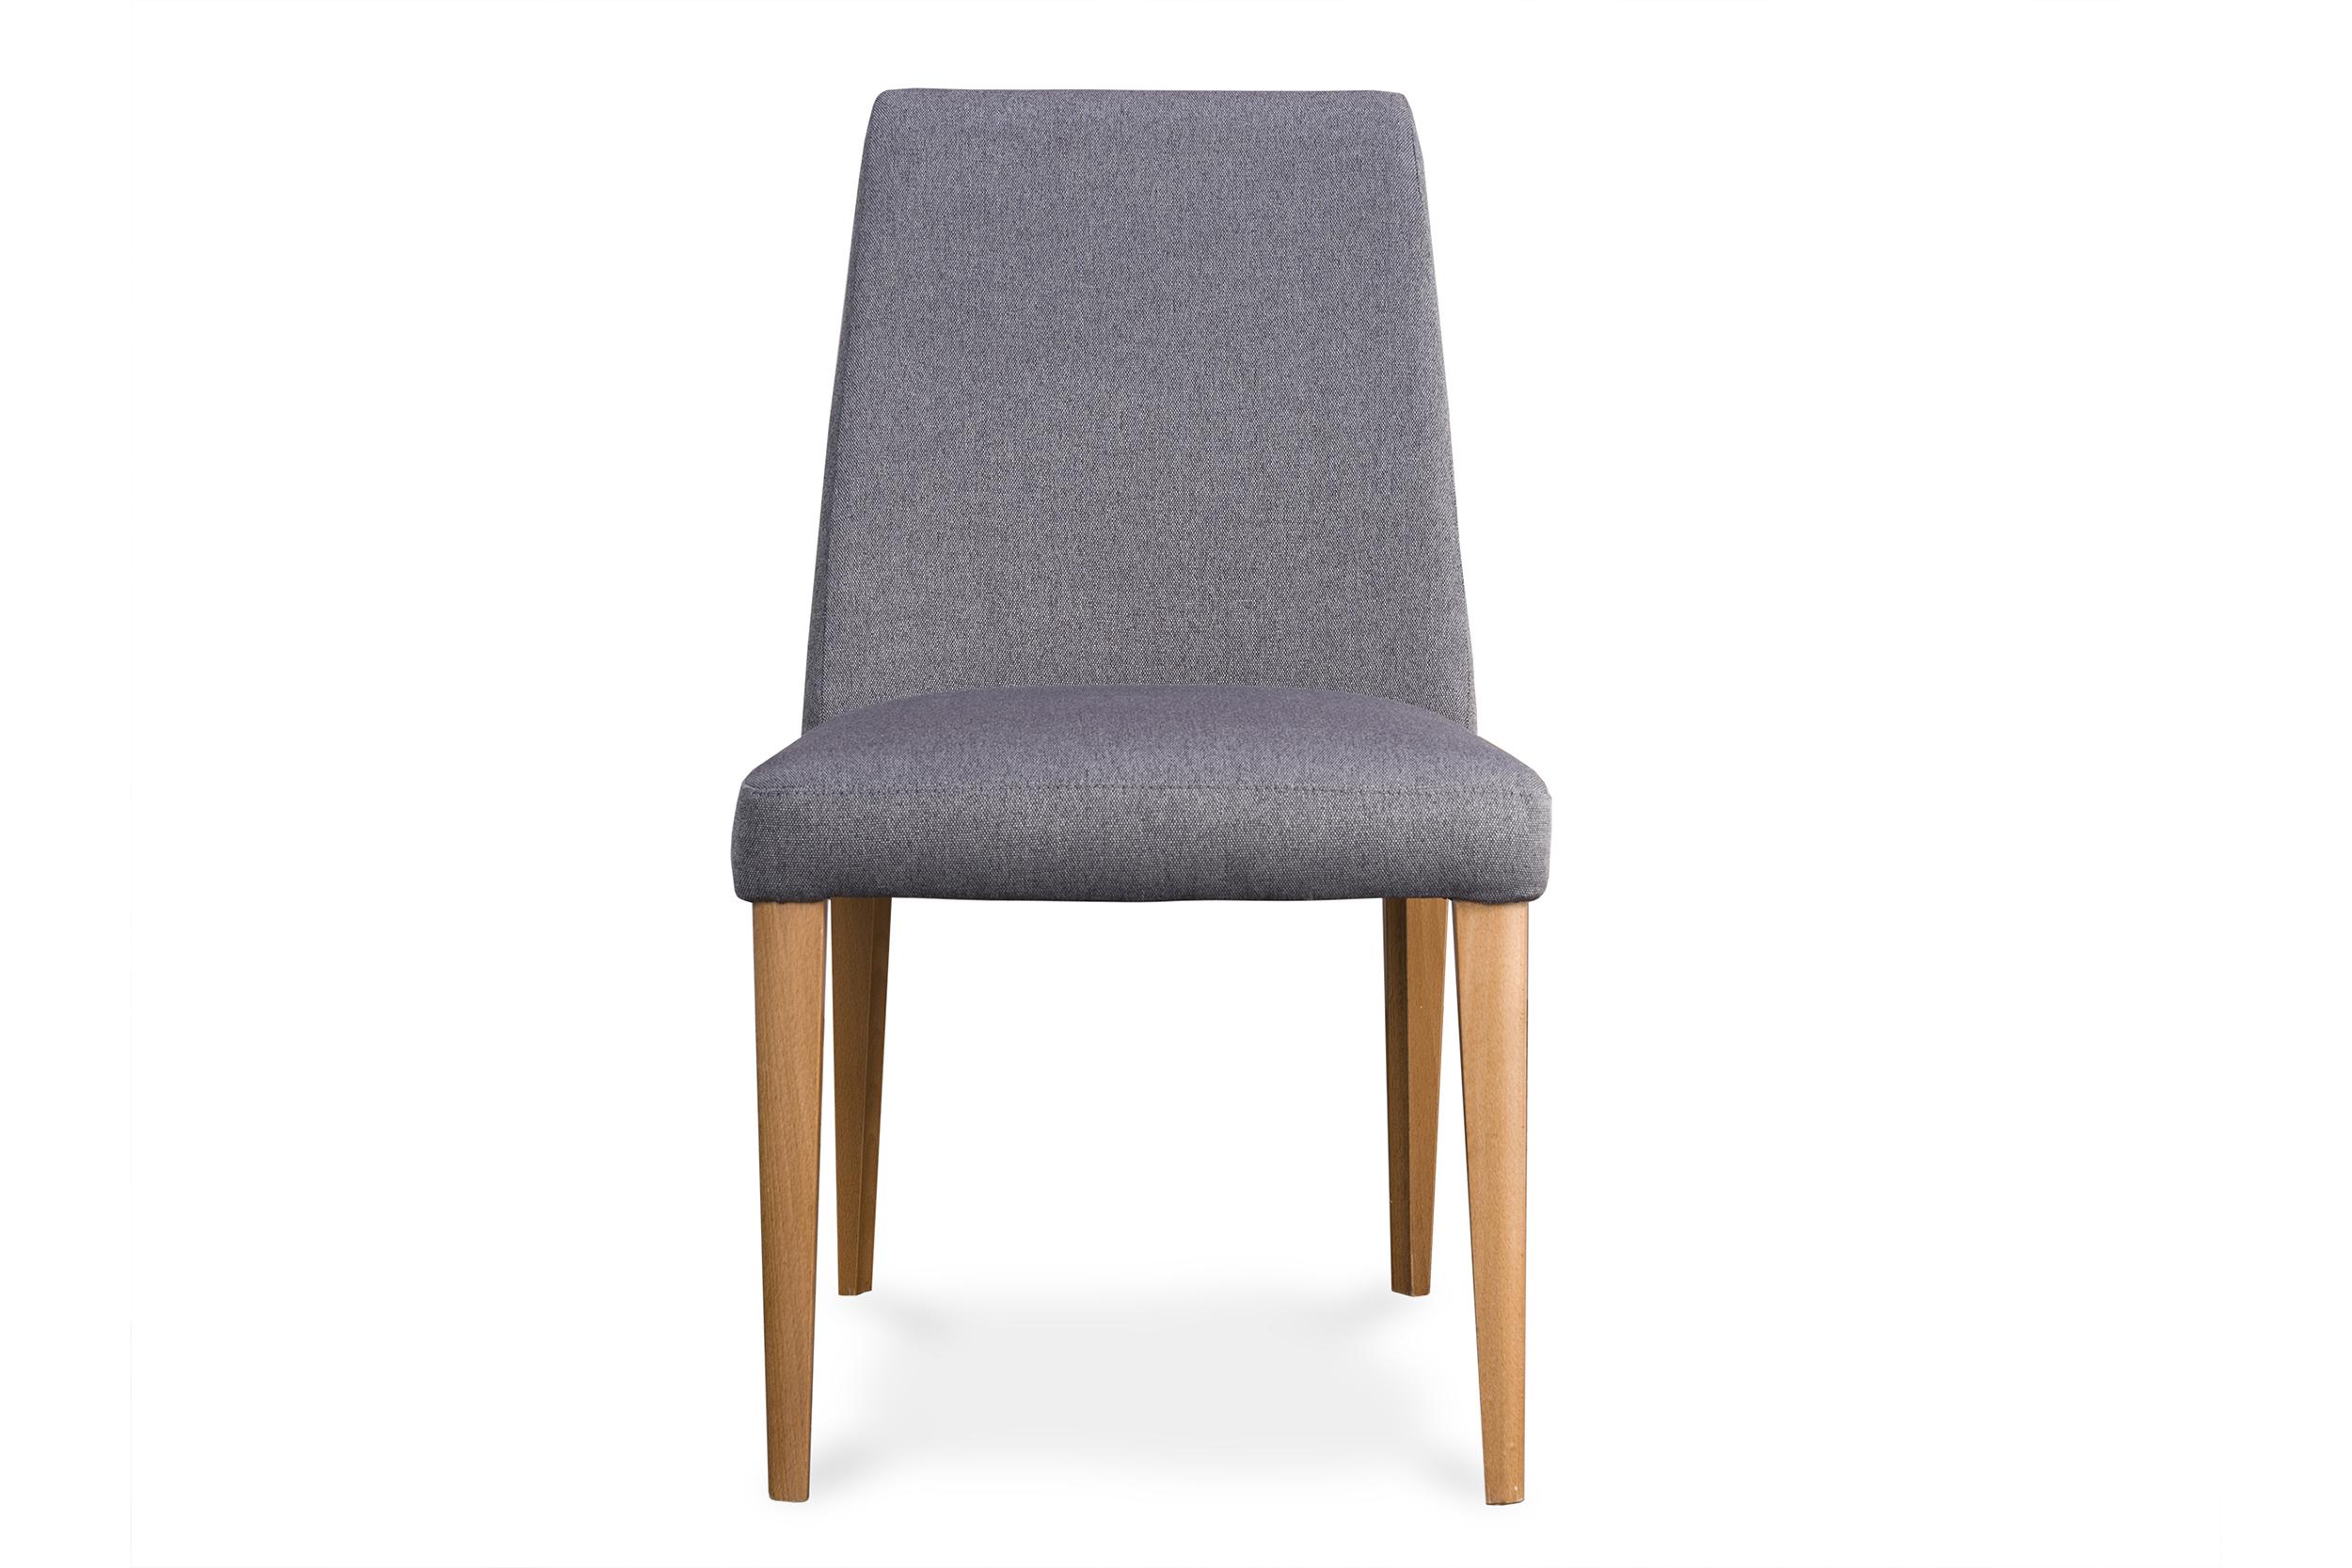 Стул GettyОбеденные стулья<br>&amp;lt;div&amp;gt;Мы любим стул &amp;quot;Getty&amp;quot; не только за его форму и красоту, но и за его универсальность. Вы можете себе представить обеденный стол к которому этот стул не подойдет?&amp;amp;nbsp;&amp;lt;/div&amp;gt;&amp;lt;div&amp;gt;И мы не можем.&amp;lt;/div&amp;gt;&amp;lt;div&amp;gt;&amp;lt;br&amp;gt;&amp;lt;/div&amp;gt;Высота сидения: 45 см.<br><br>Material: Текстиль<br>Ширина см: 48<br>Высота см: 82<br>Глубина см: 56